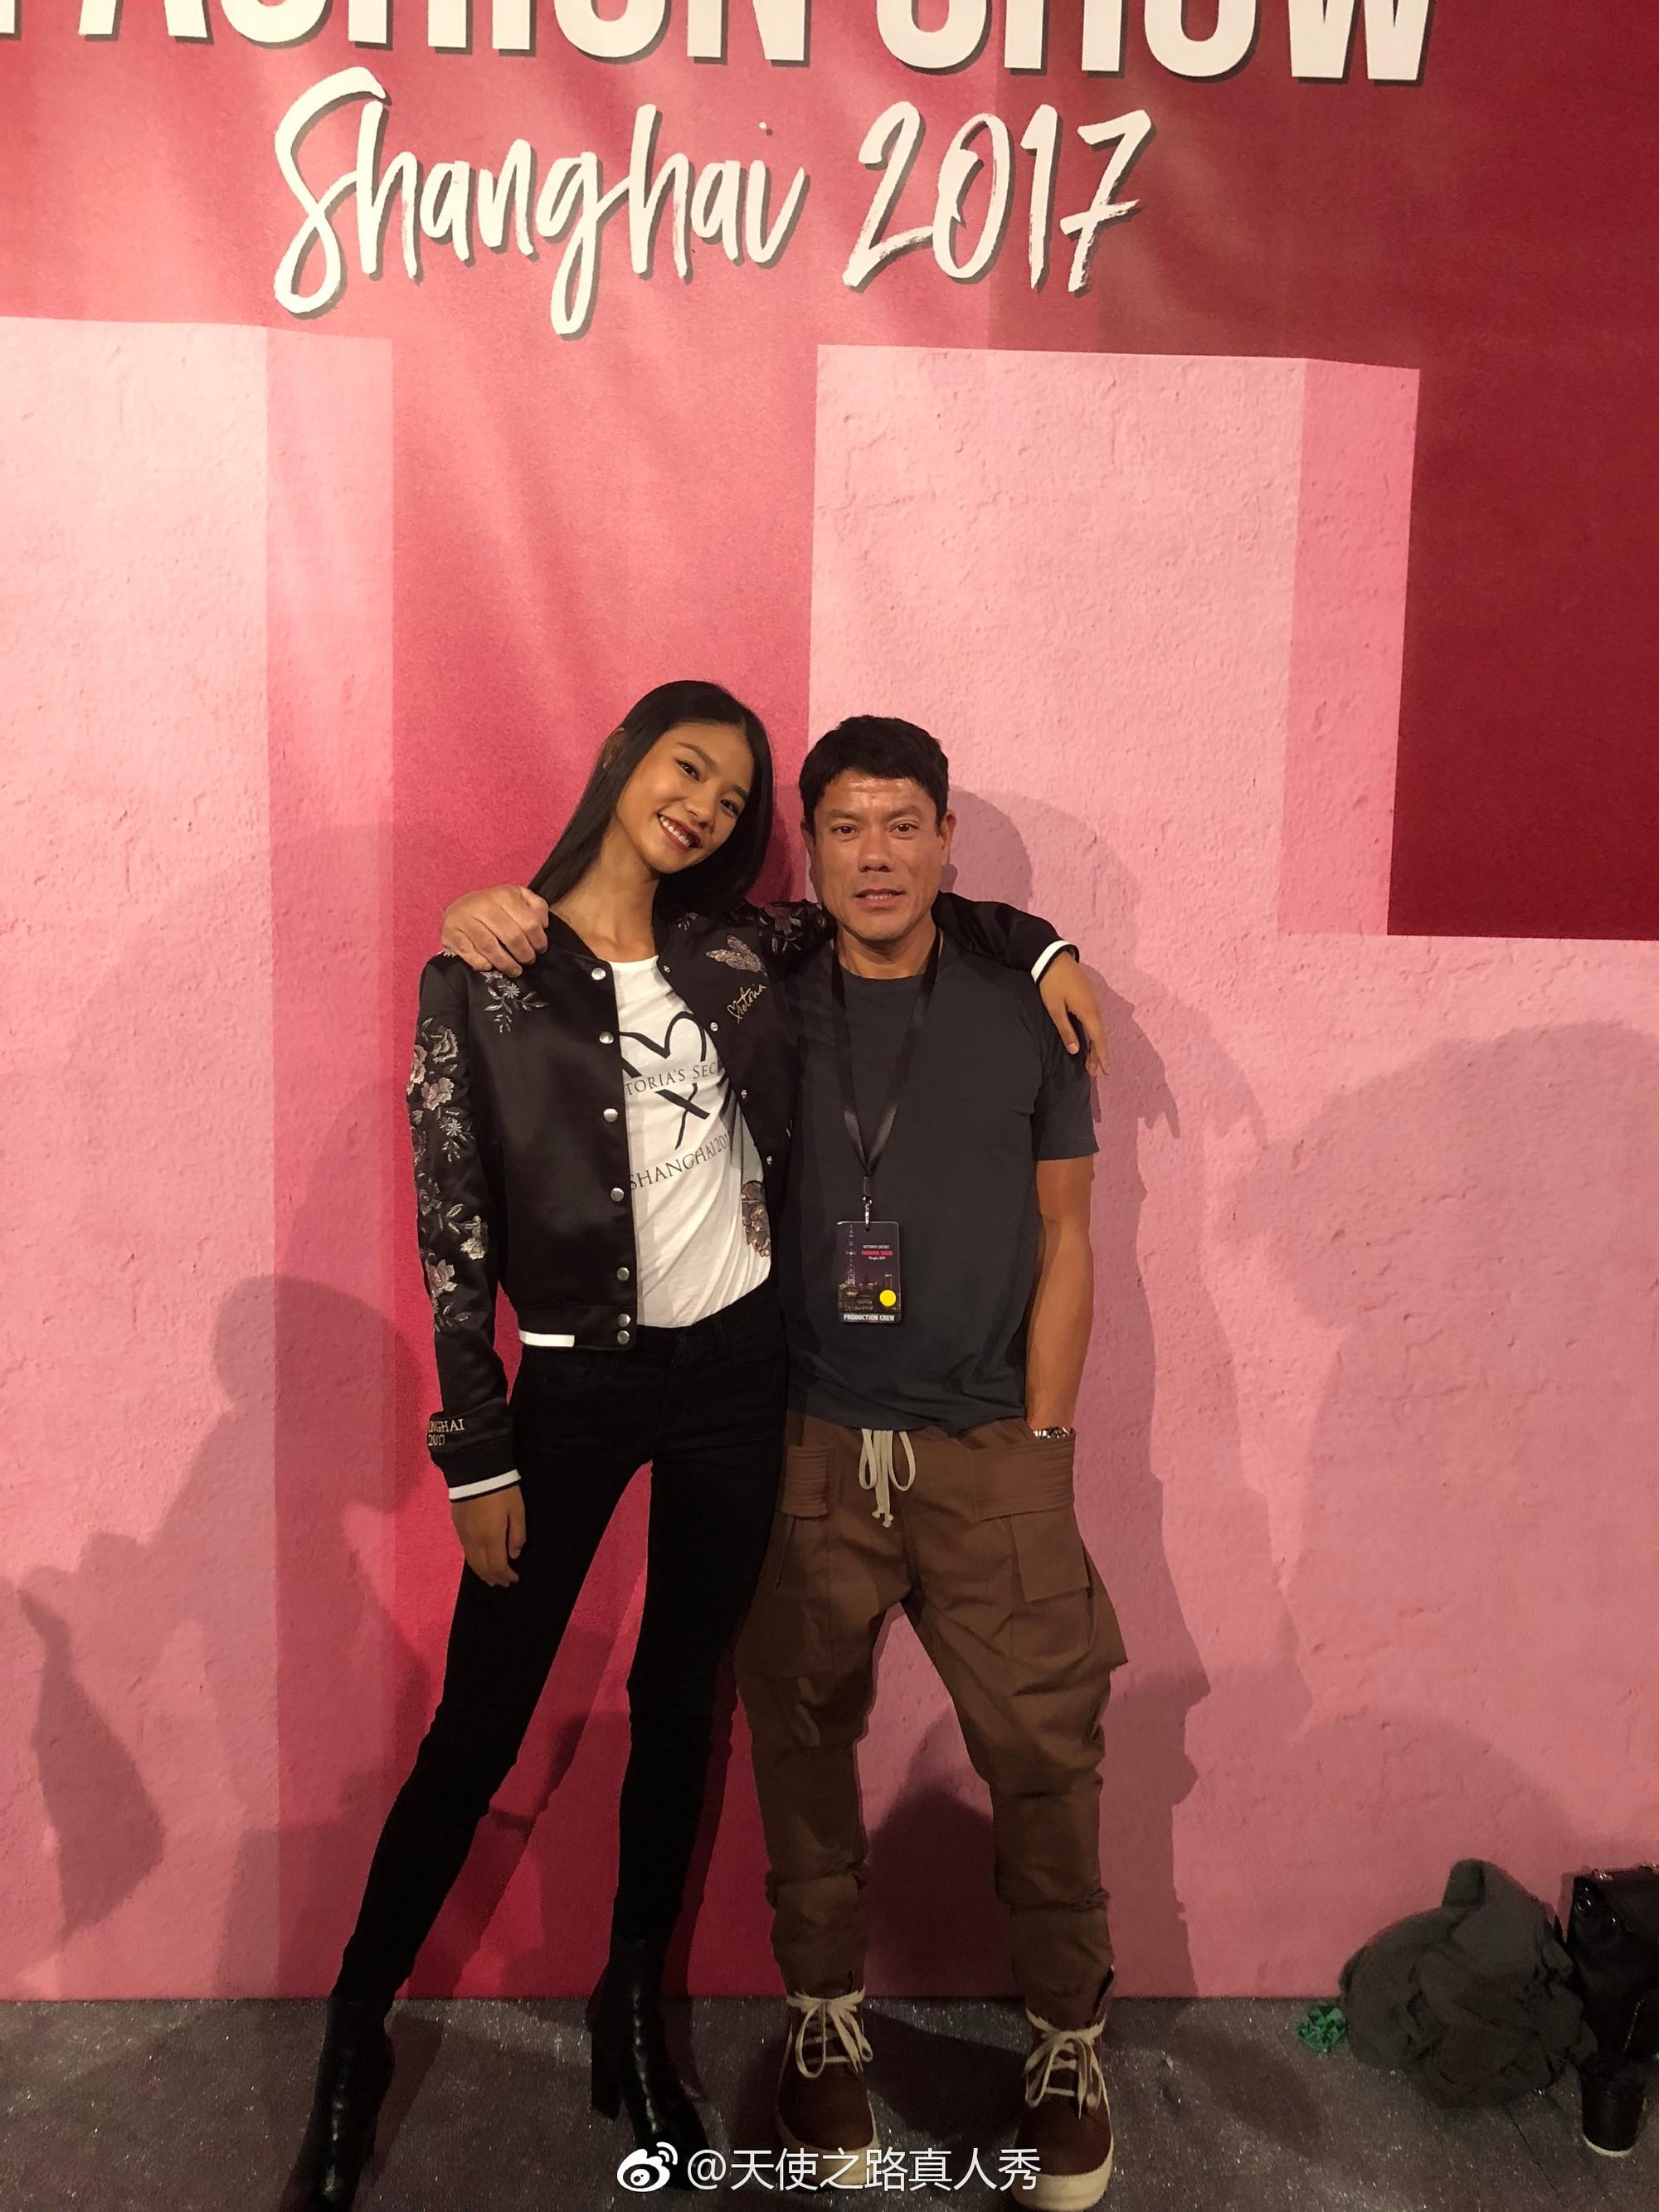 Đây là cô gái Trung Quốc may mắn diễn Victorias Secret với Candice Swanepoel, Liu Wen...! - Ảnh 2.